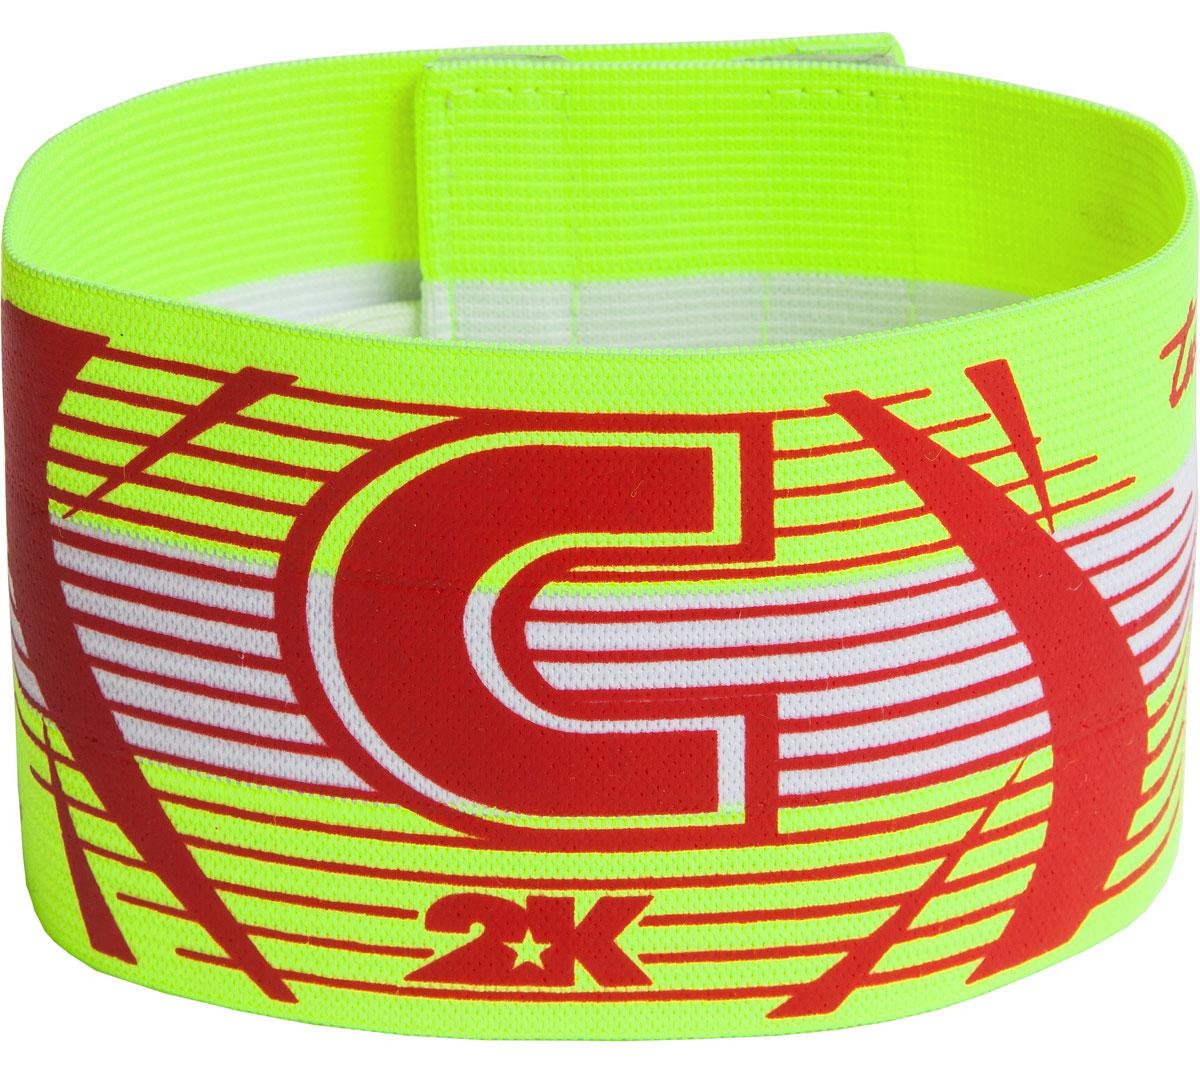 Повязка капитанская 2K Sport Captain, цвет: светло-зеленый, красный126317Яркая повязка на руку 2K Sport Captain применяется для того, чтобы выделить на поле капитана команды. Выполнено изделие из высококачественного полиэстера. Размер универсальный.